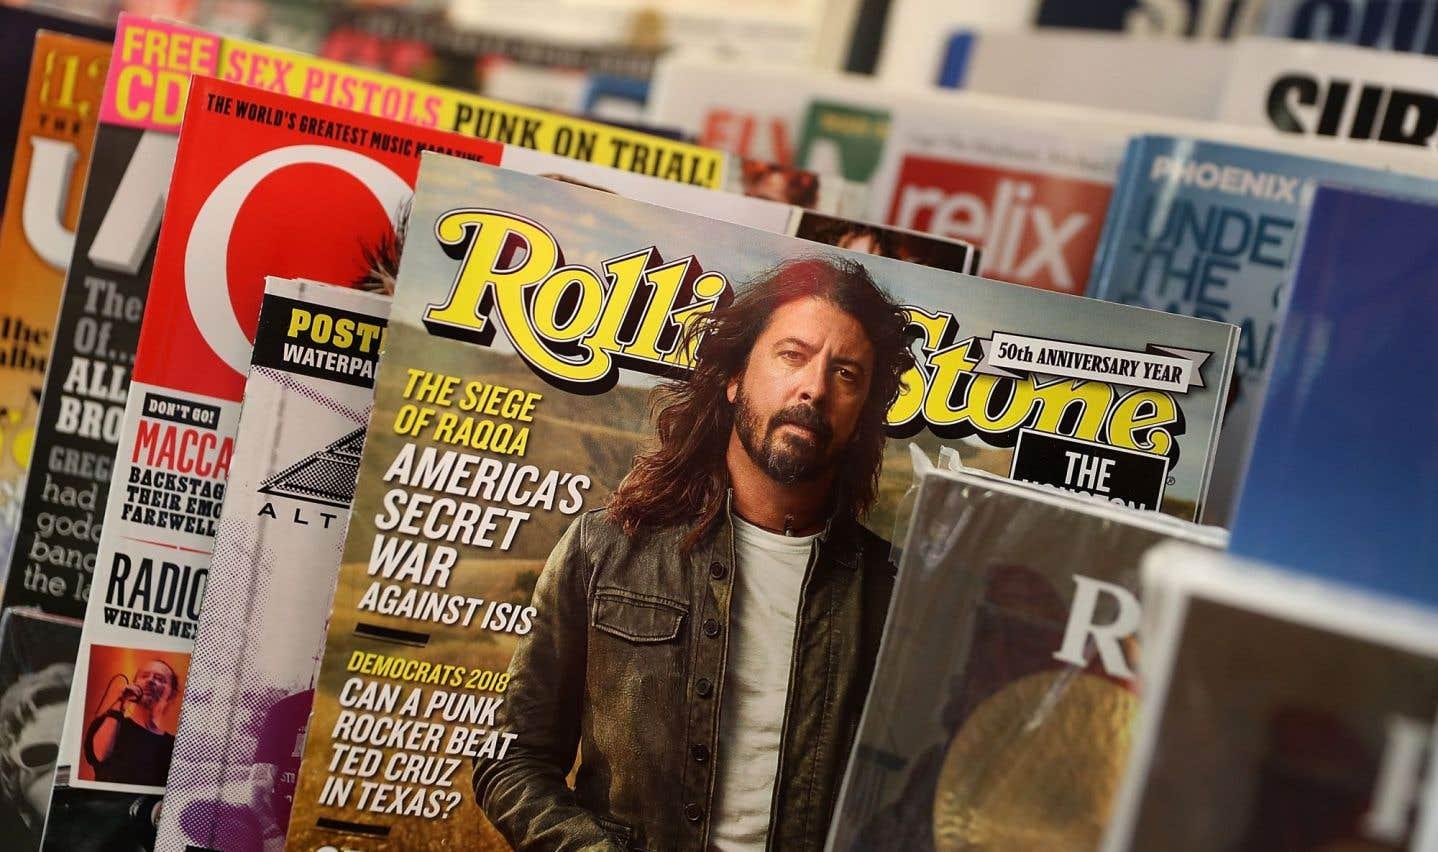 Un des titres les plus importants de l'histoire de la presse culturelle, Rolling Stone a également publié les textes d'auteurs expérimentaux, comme le journaliste gonzoHunter S. Thompson.